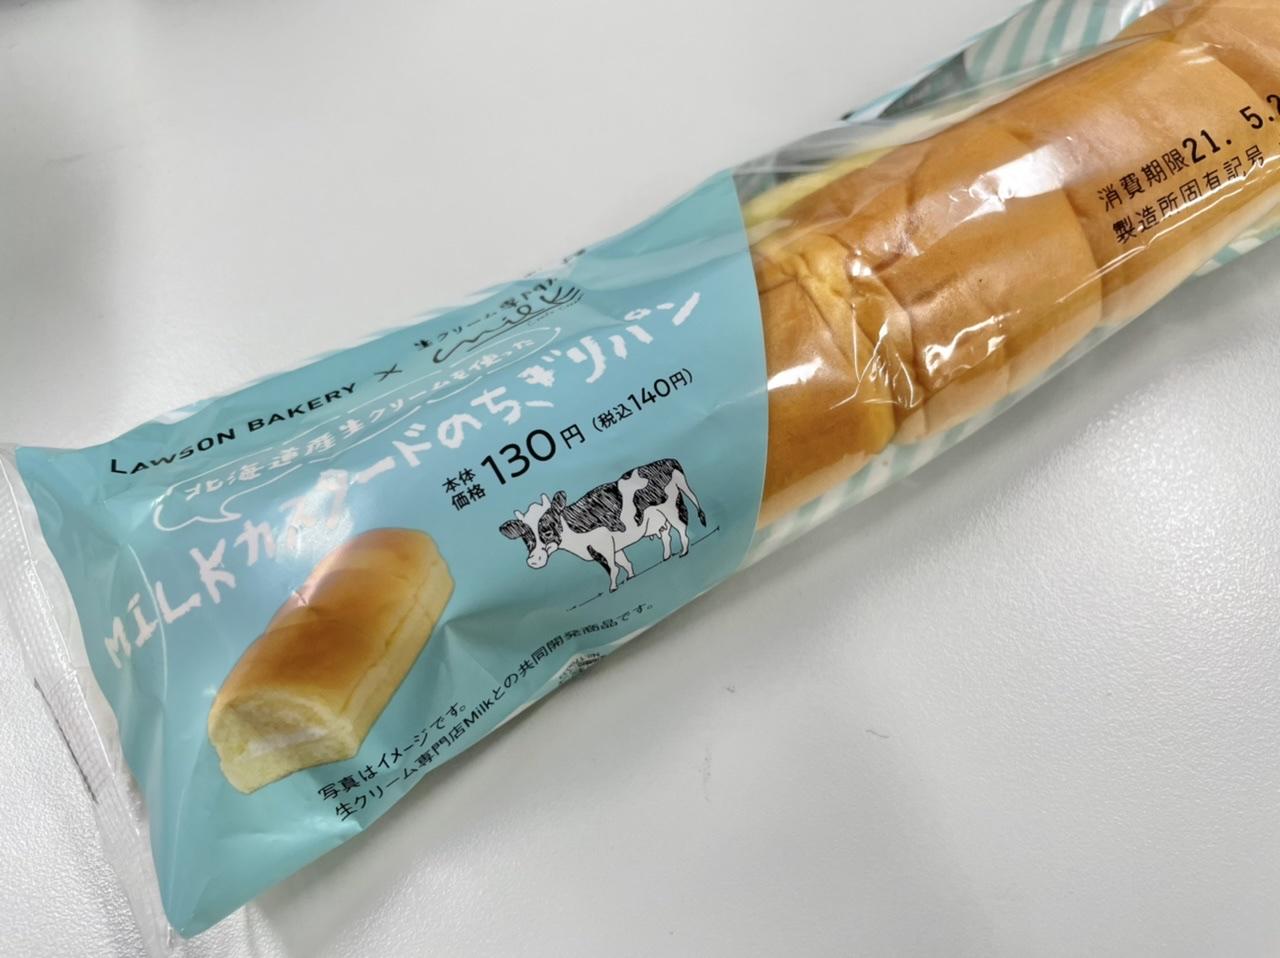 【ローソン】生クリーム専門店《Milk》とのコラボパン2種類を食べ比べ!_3